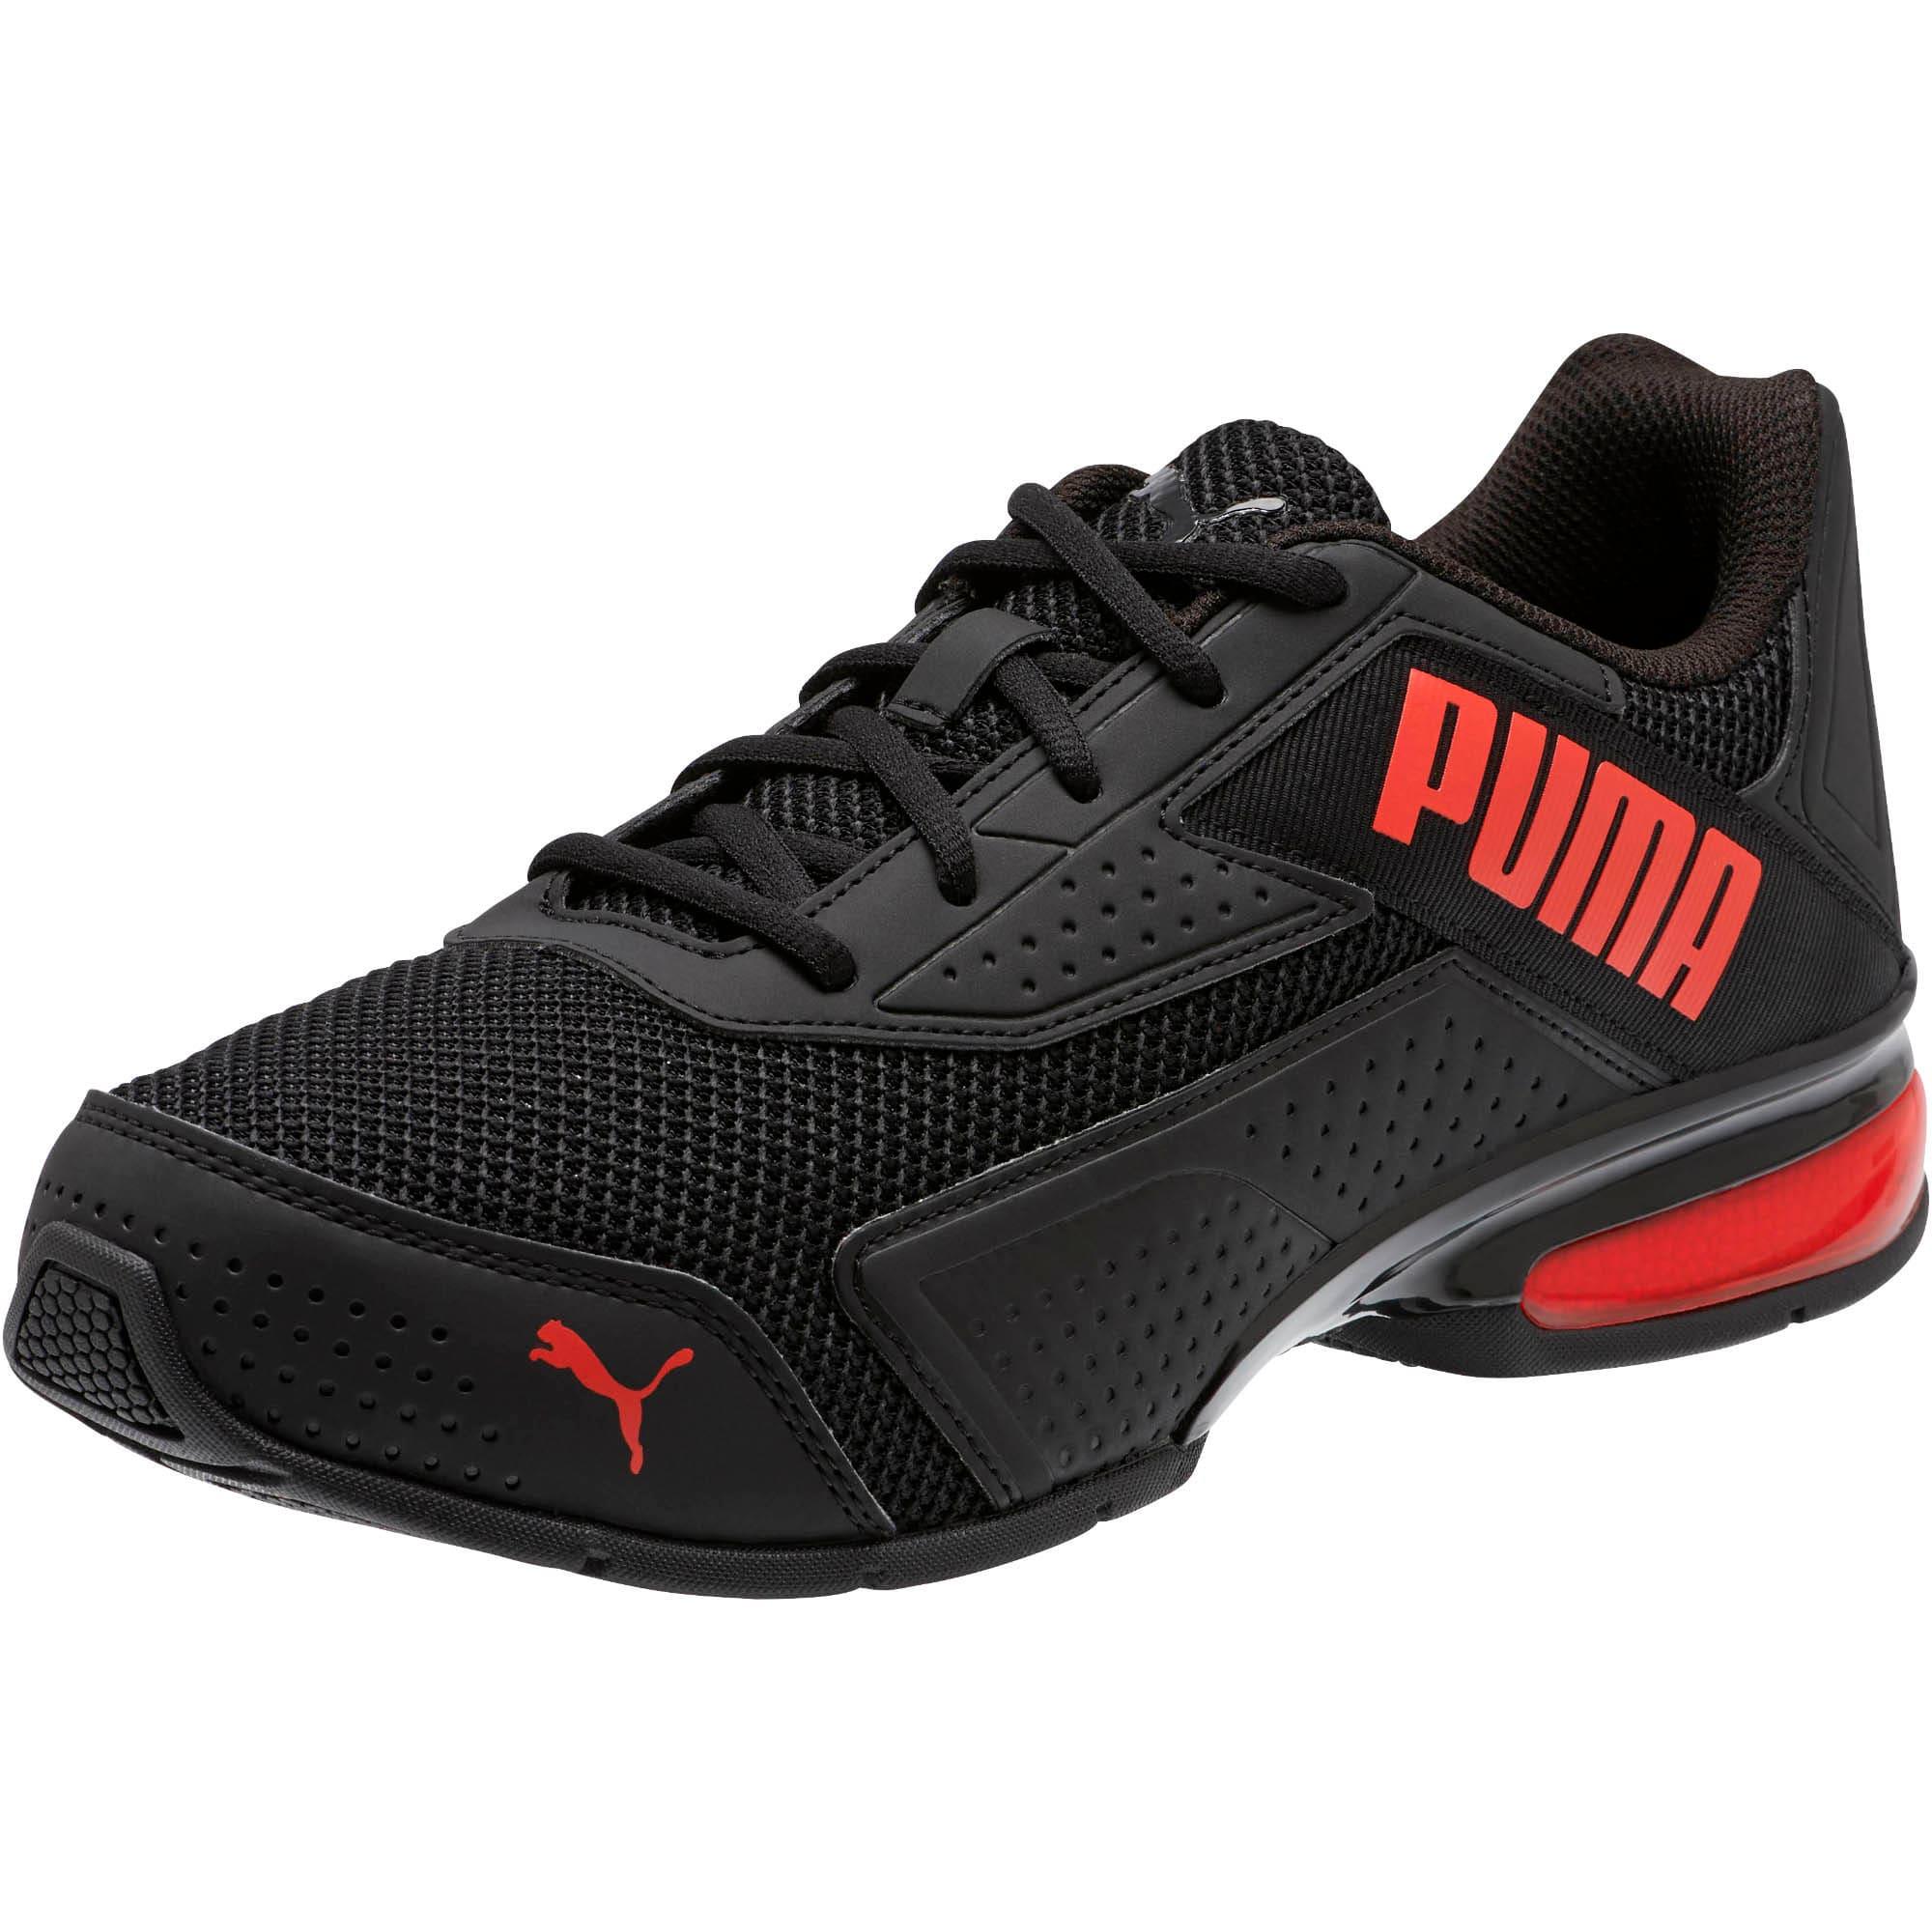 Miniatura 1 de Zapatos de entrenamiento Leader VT Bold, Puma Black-High Risk Red, mediano